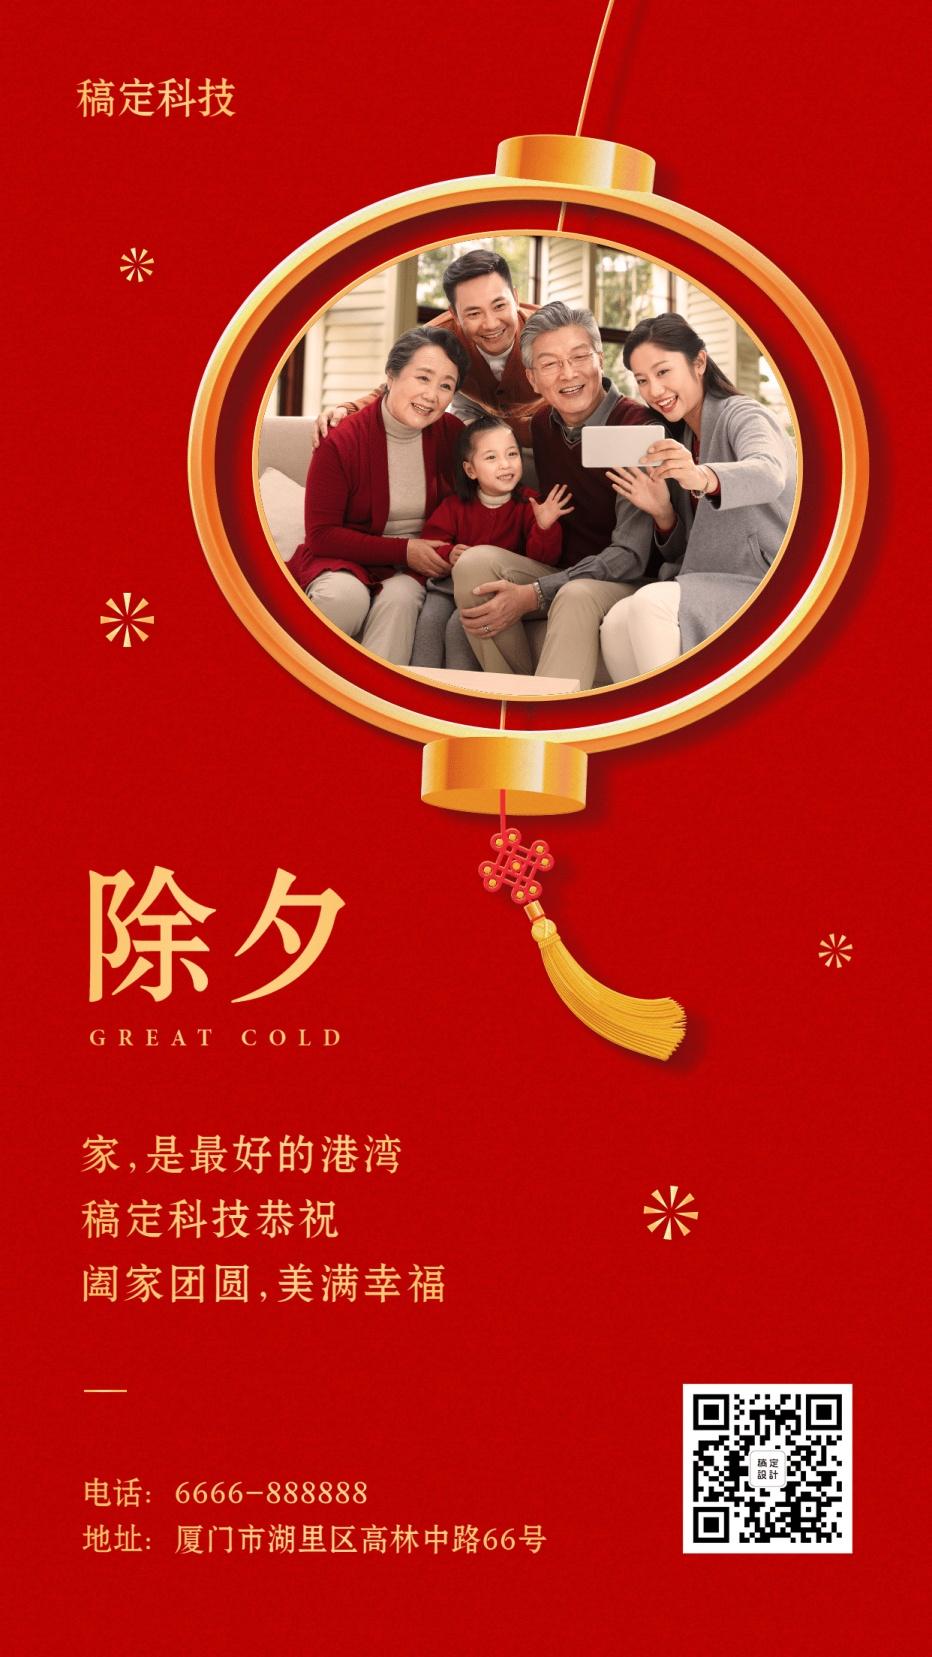 2020春节除夕全家福图框新年祝福团圆喜庆手机海报